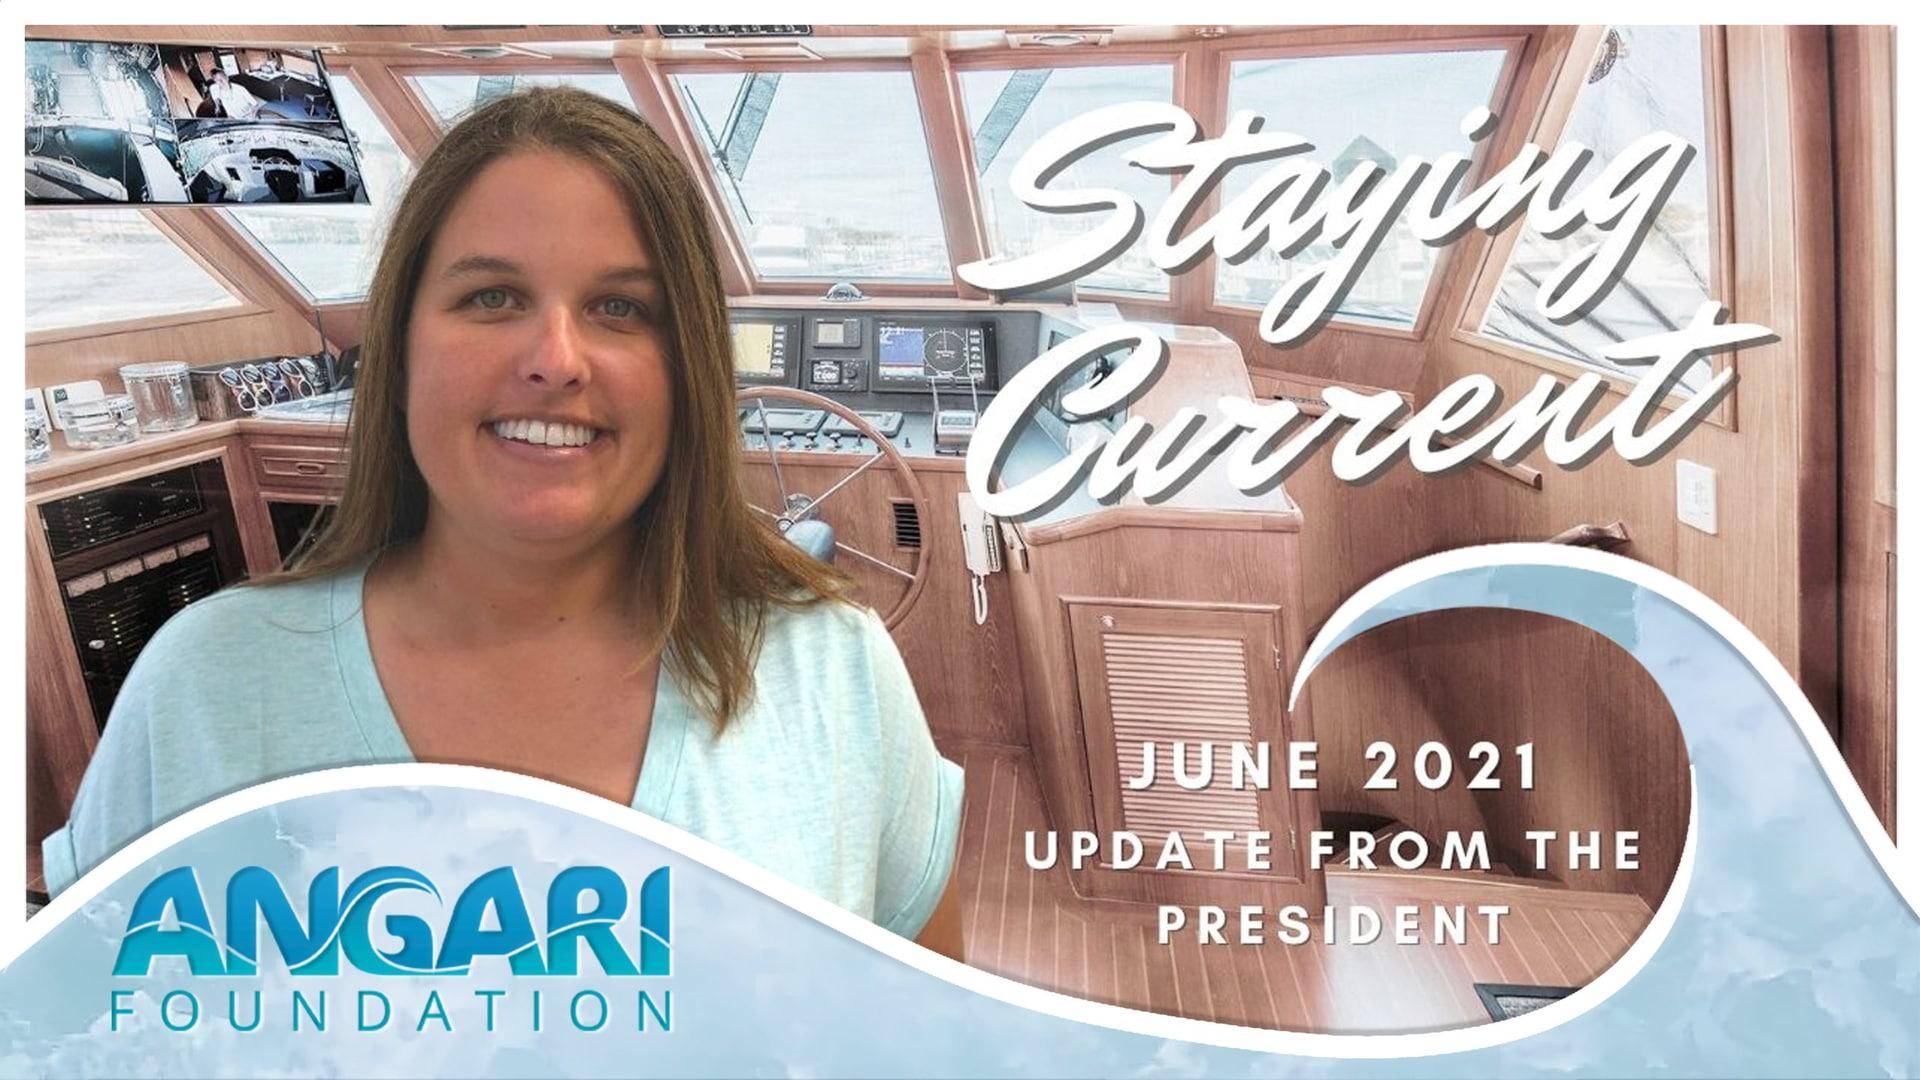 ANGARI Foundation Monthly Update June 1 2021